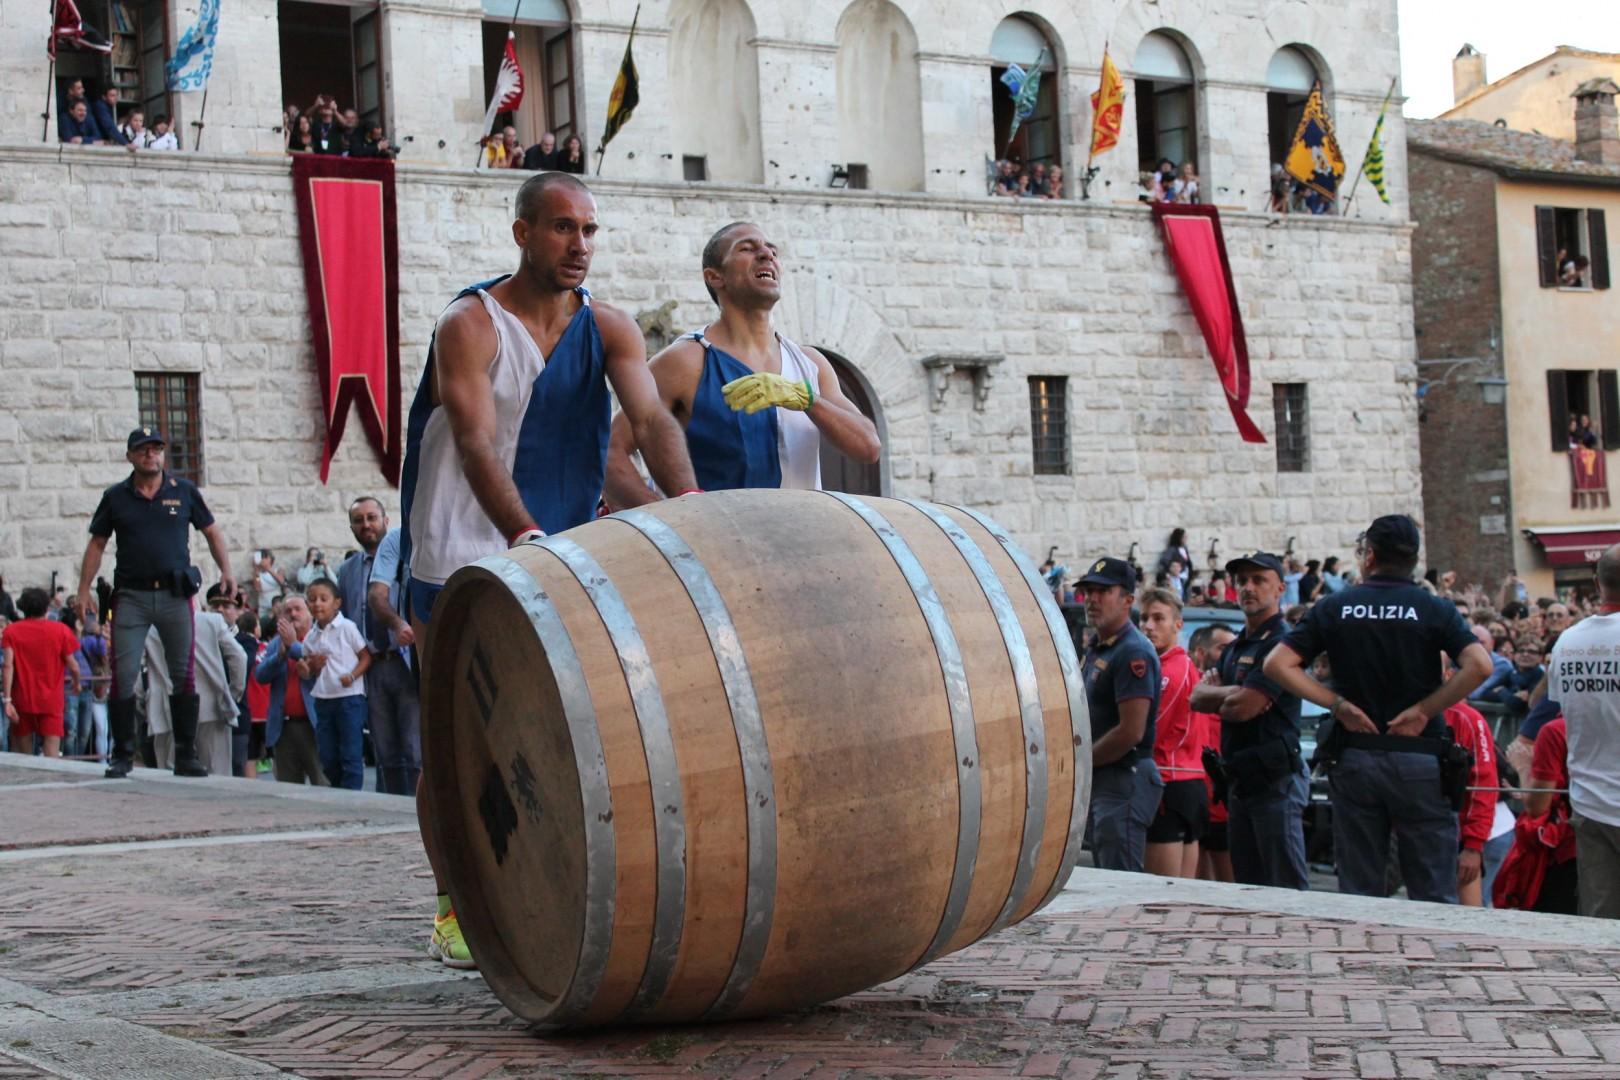 La contrada del Poggiolo vince il Bravìo delle Botti di Montepulciano